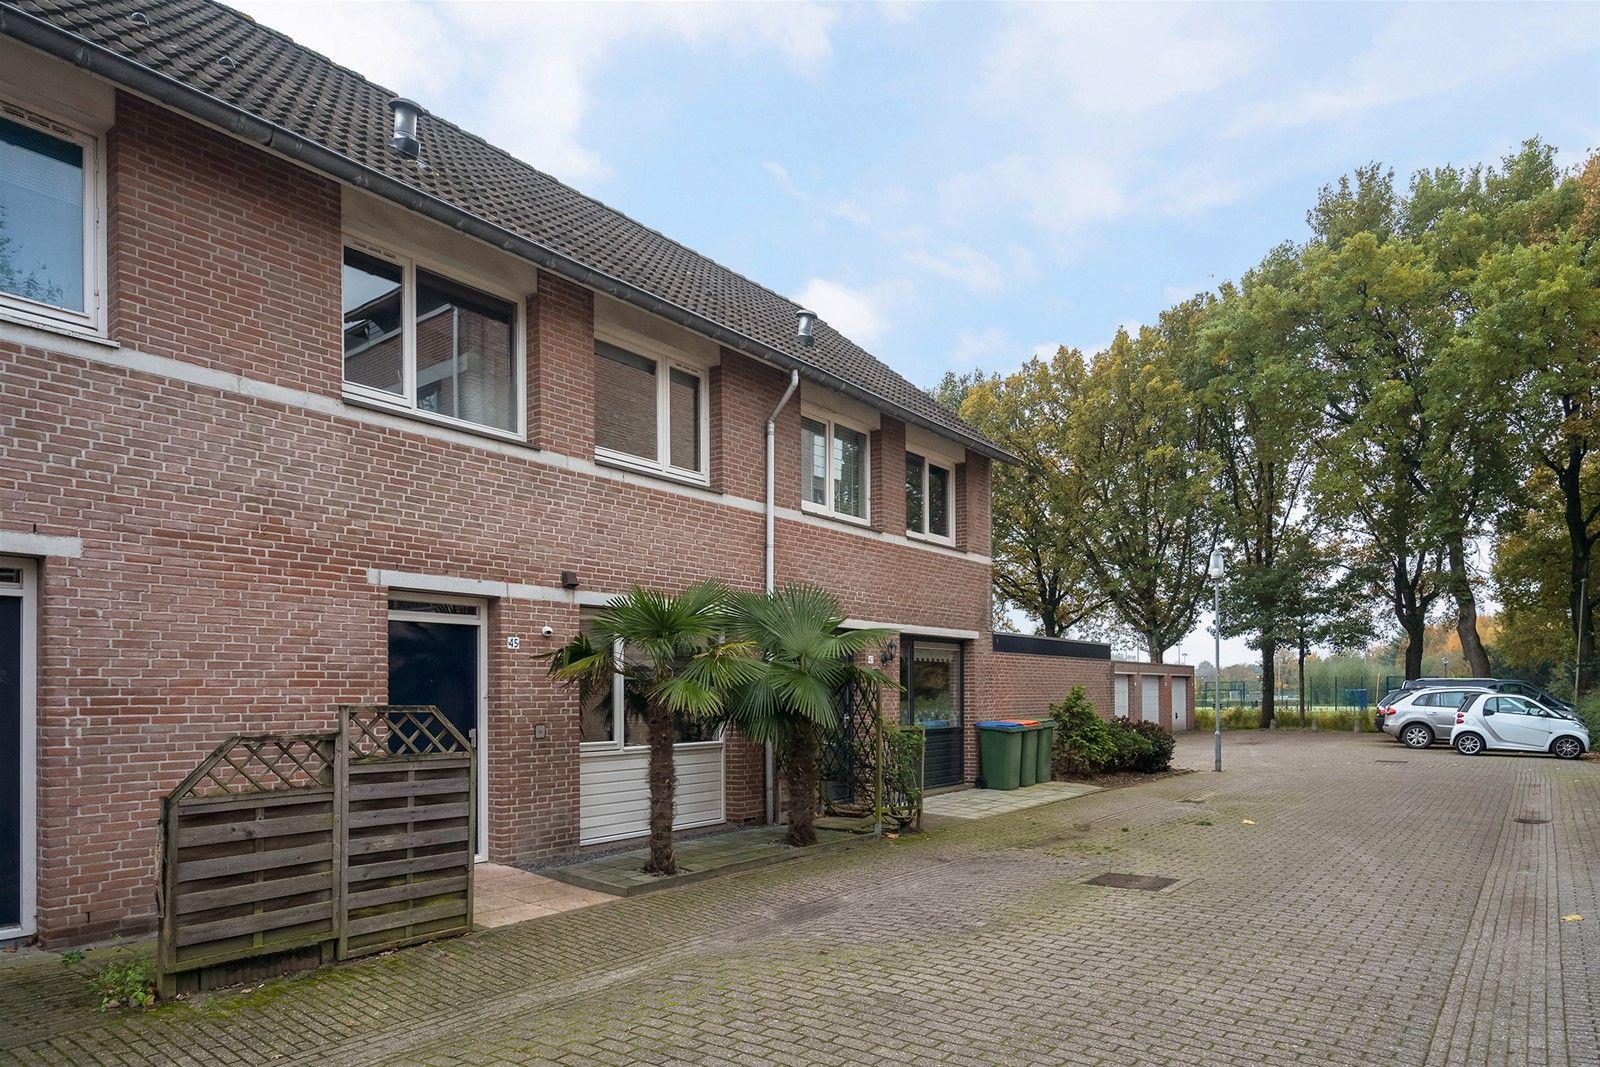 Deze instapklare middenwoning met vrijstaande (fietsen) berging en tuin op het zuiden is rustig gelegen in een kindvriendelijke woonwijk met volop parkeermogelijkheden. Alle dagelijkse voorzieningen als winkels, scholen, openbaar vervoer (bushalte) zijn op korte (loop)afstand bereikbaar. Het bruisende stadscentrum van Breda bereik je binnen 10 fietsminuten en via de nabij gelegen uitvalswegen heb je  een vlotte verbinding met de snelwegen A16, A58 en A59.  De begane grond heeft een open keuken en fijne woonkamer met raampartij waarbij veel lichtinval binnen treedt. Via een open trap bereik je de eerste verdieping met twee slaapkamers en een moderne badkamer. De tweede verdieping is multifunctioneel inzetbaar en uitermate geschikt voor een slaap of hobby/kantoor kamer. Tevens is er een wasmachine- en droger aansluiting aanwezig.  De onderhoudsvriendelijke achtertuin is gelegen op het zuiden waardoor je vrijwel altijd zon in de tuin hebt.    BEGANE GROND Entree/hal met toegang tot de toiletruimte, woonkamer en open keuken. Afwerking- laminaatvloer, stucwerk wanden en een stucwerk plafond. Meterkast- 7 groepen en 2x aardlekschakelaarbeveiliging.  Toiletruimte met fonteintje.  Afwerking- tegelvloer, betegelde wanden en een stucwerk plafond.   Fijne woonkamer met elektrisch bedienbare rolluiken en groot raampartij waardoor er veel lichtinval binnen treedt. De ruimte staat in open verbinding met de keuken en via een open trap is de eerste verdieping bereikbaar. Afwerking- laminaatvloer, stucwerk wanden en een spuitwerk plafond.   Open keuken in hoekopstelling uitgerust met een kunststof aanrechtblad, spoelbak, koelkast, keramische kookplaat, koelkast, vaatwasser en RVS afzuigkap. Afwerking- laminaatvloer, spuitwerk wanden en een spuitwerk plafond.   EERSTE VERDIEPING Overloop met toegang tot twee slaapkamers, de badkamer en vaste trap naar de tweede verdieping. Afwerking- laminaatvloer, deels stucwerk en deels behangen wanden. Het plafond is afgewerkt met stucwerk.   Slaa